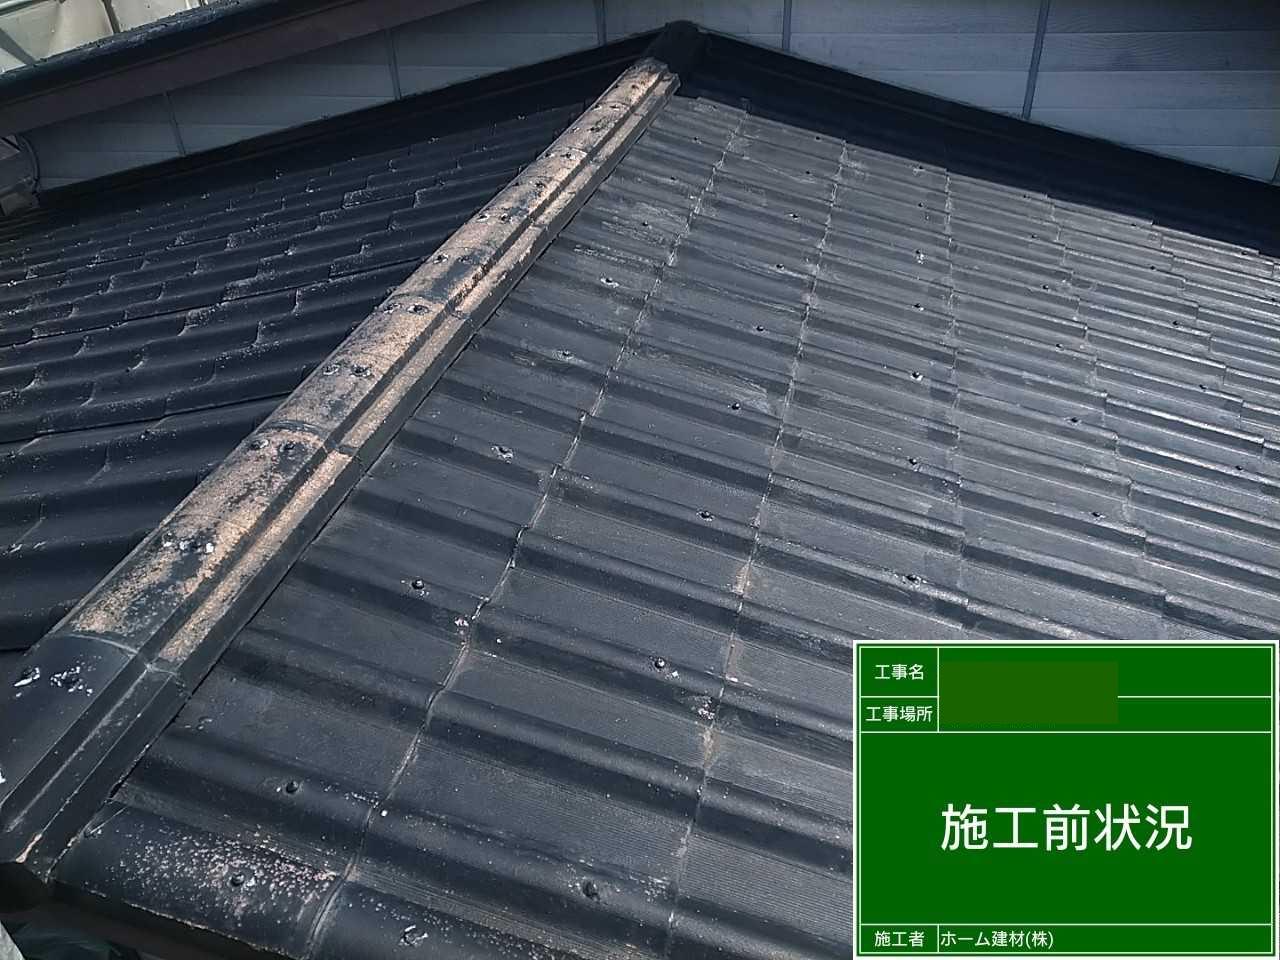 屋根塗装工事 塗装前の状態